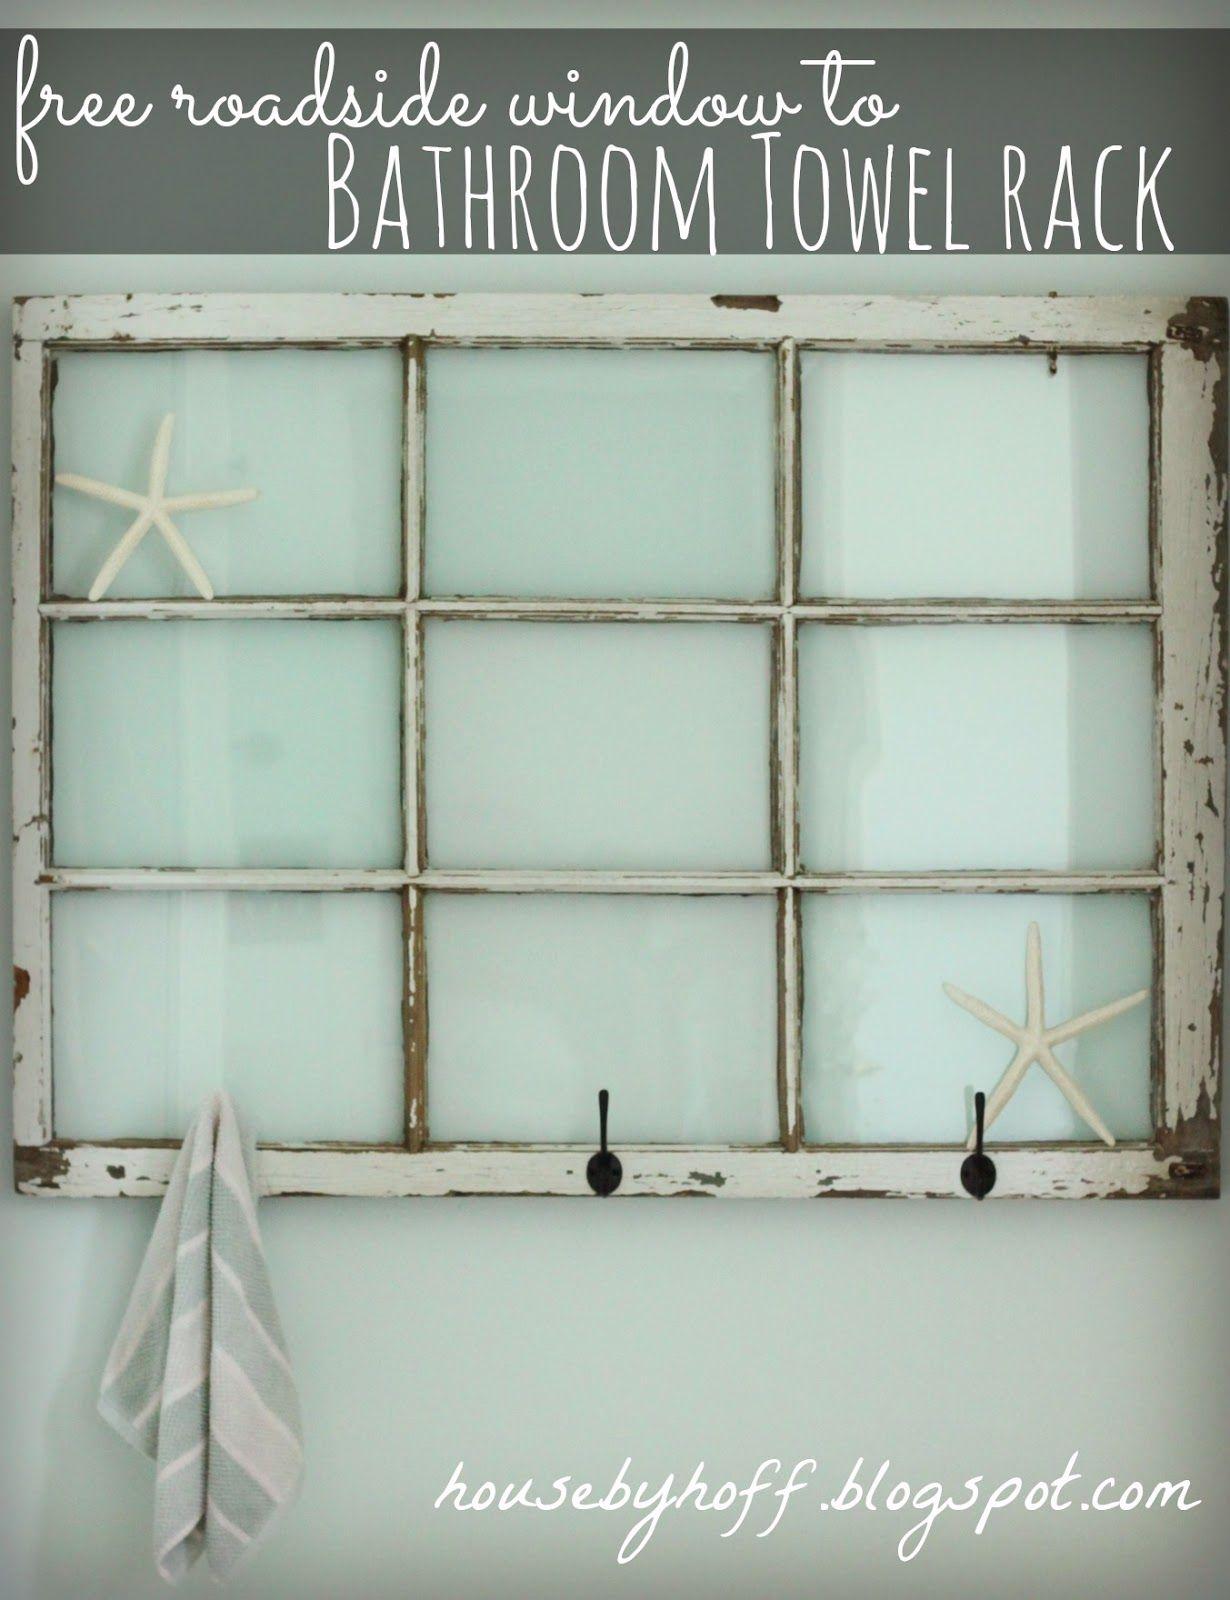 Repurposed Window Bathroom Towel Rack | Pinterest | Towels, Window ...